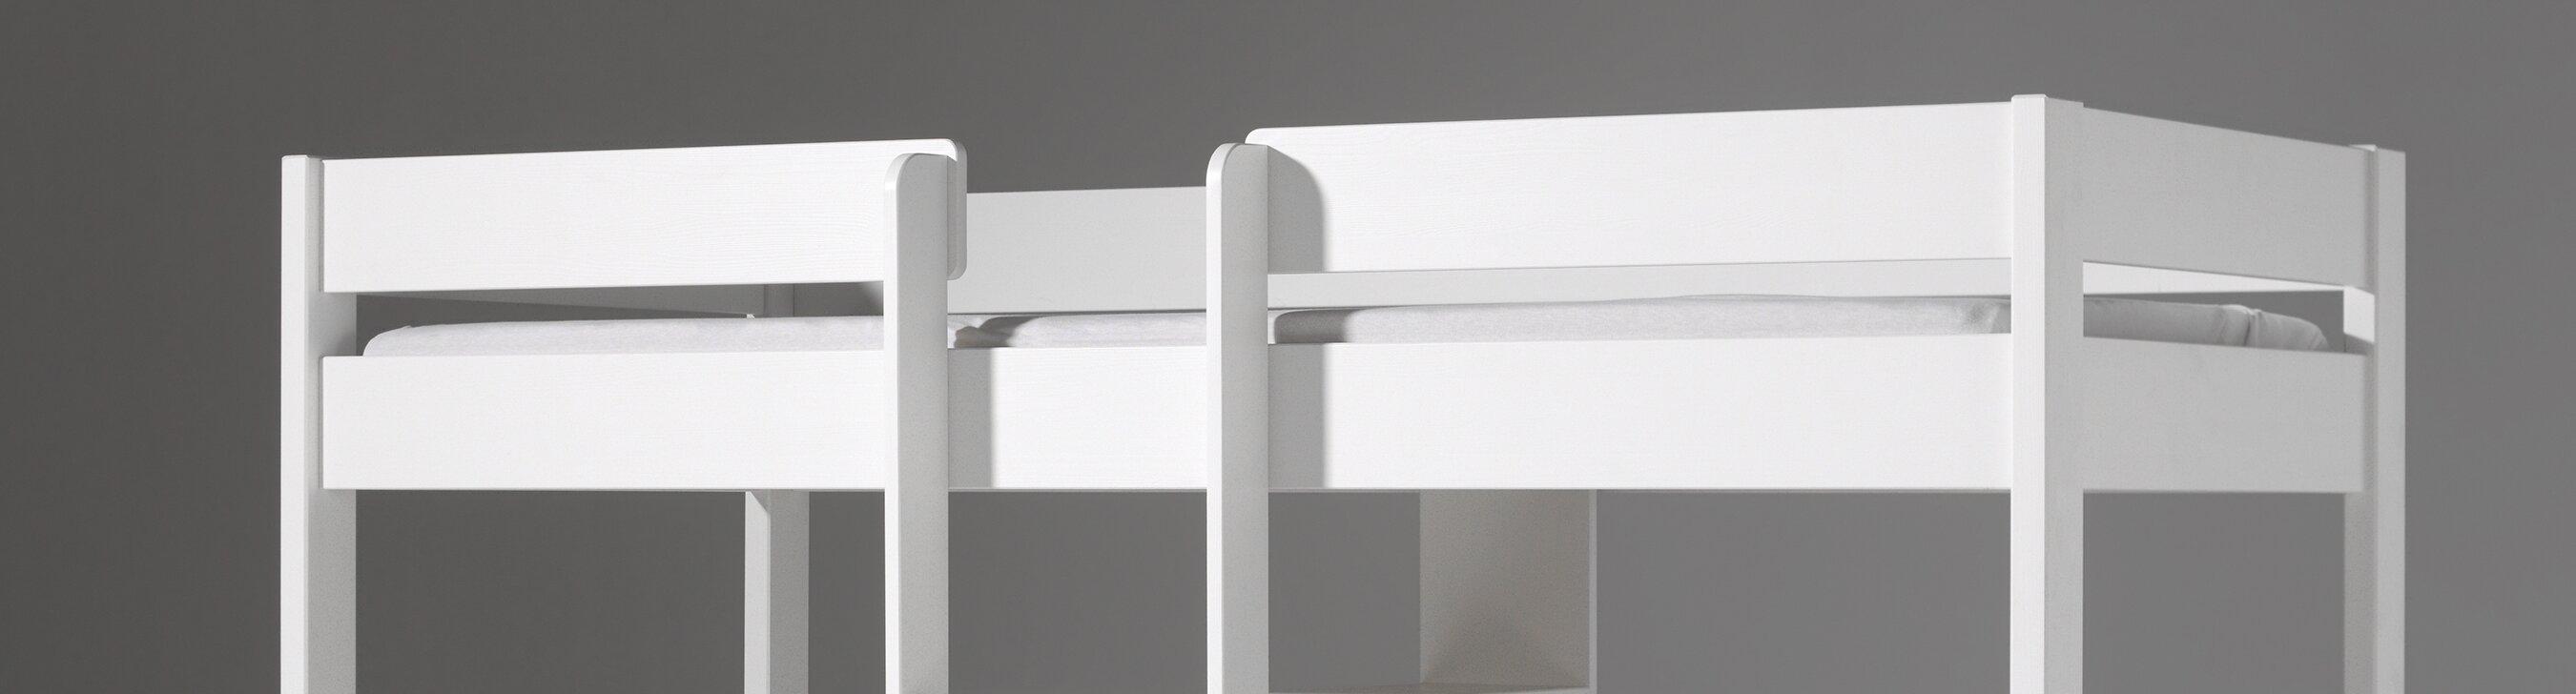 vipack hochbett pino mit schreibplatte und sesselbett 90. Black Bedroom Furniture Sets. Home Design Ideas